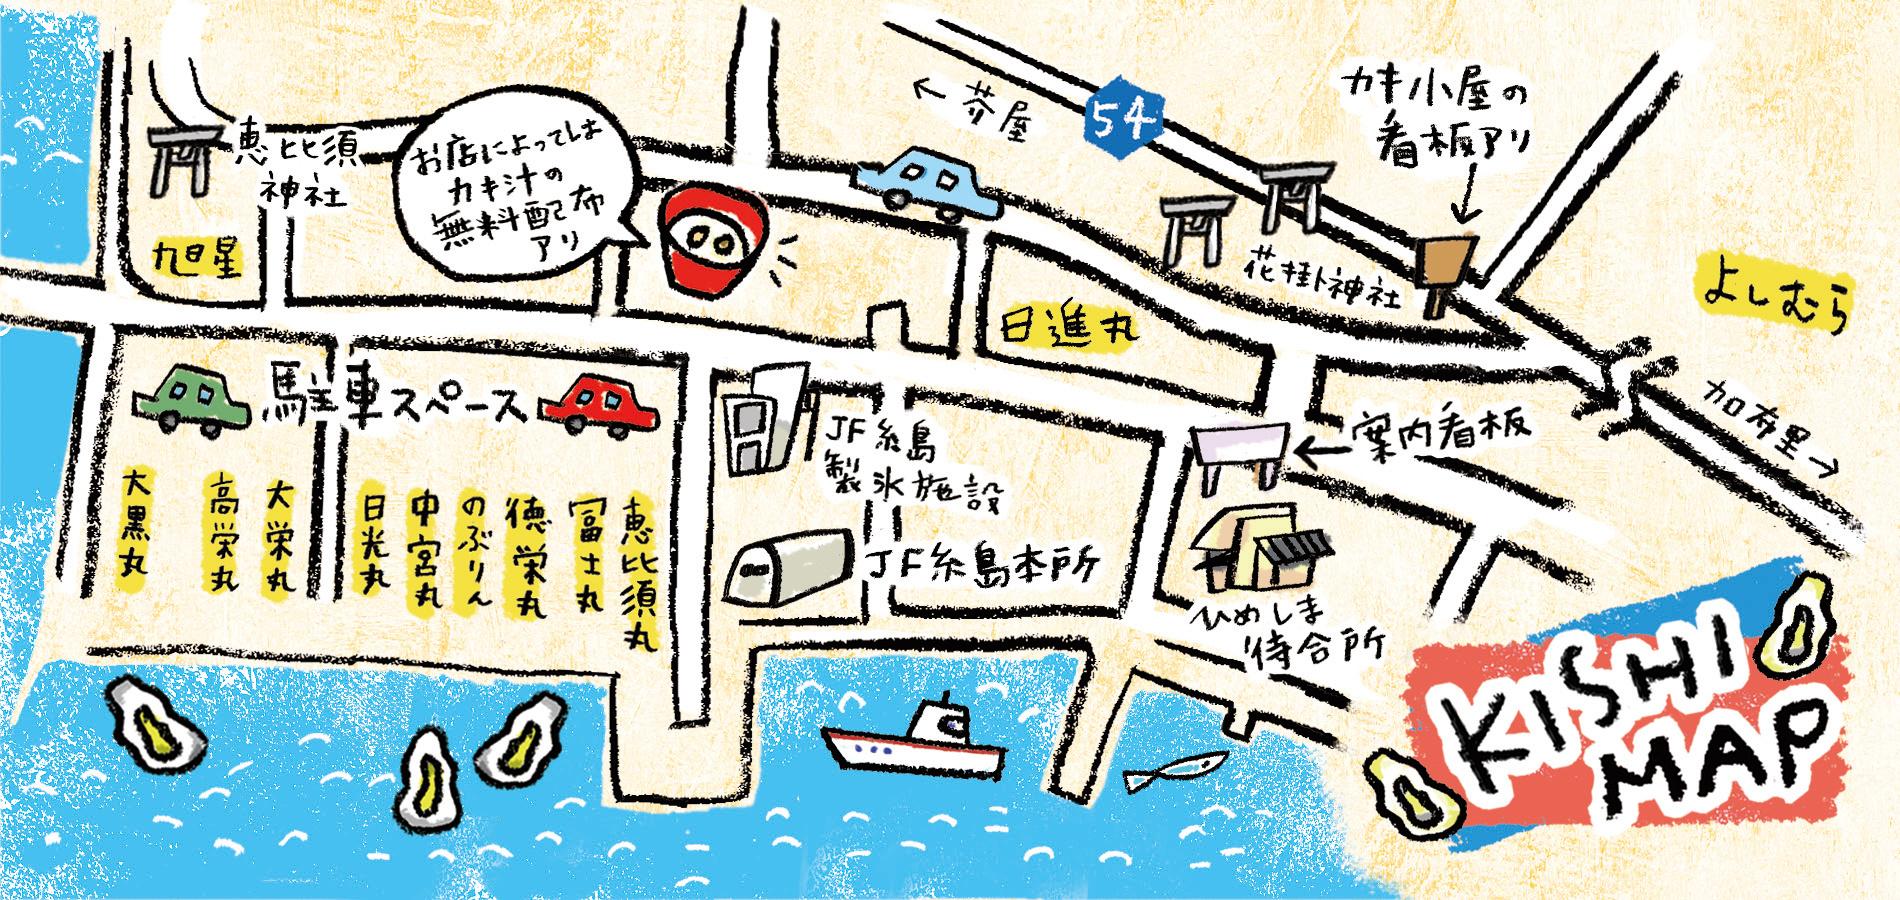 岐志漁港 牡蠣小屋イラストマップ